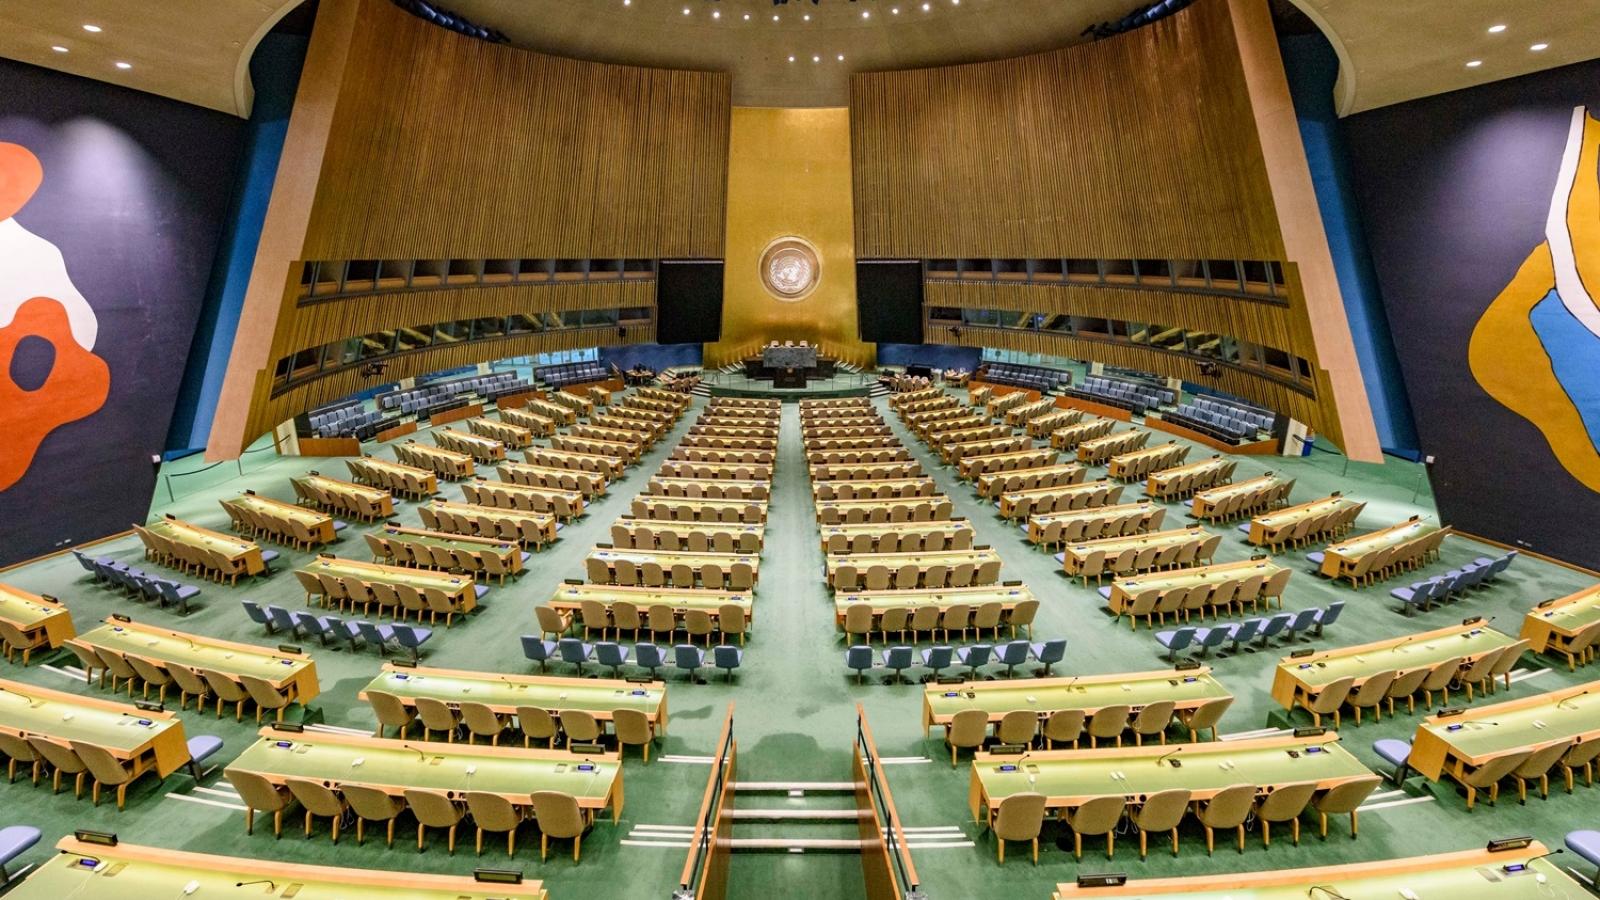 Hơn 100 nhà lãnh đạo thế giới trực tiếp tham dự Khóa họp Đại hội đồng Liên Hợp Quốc